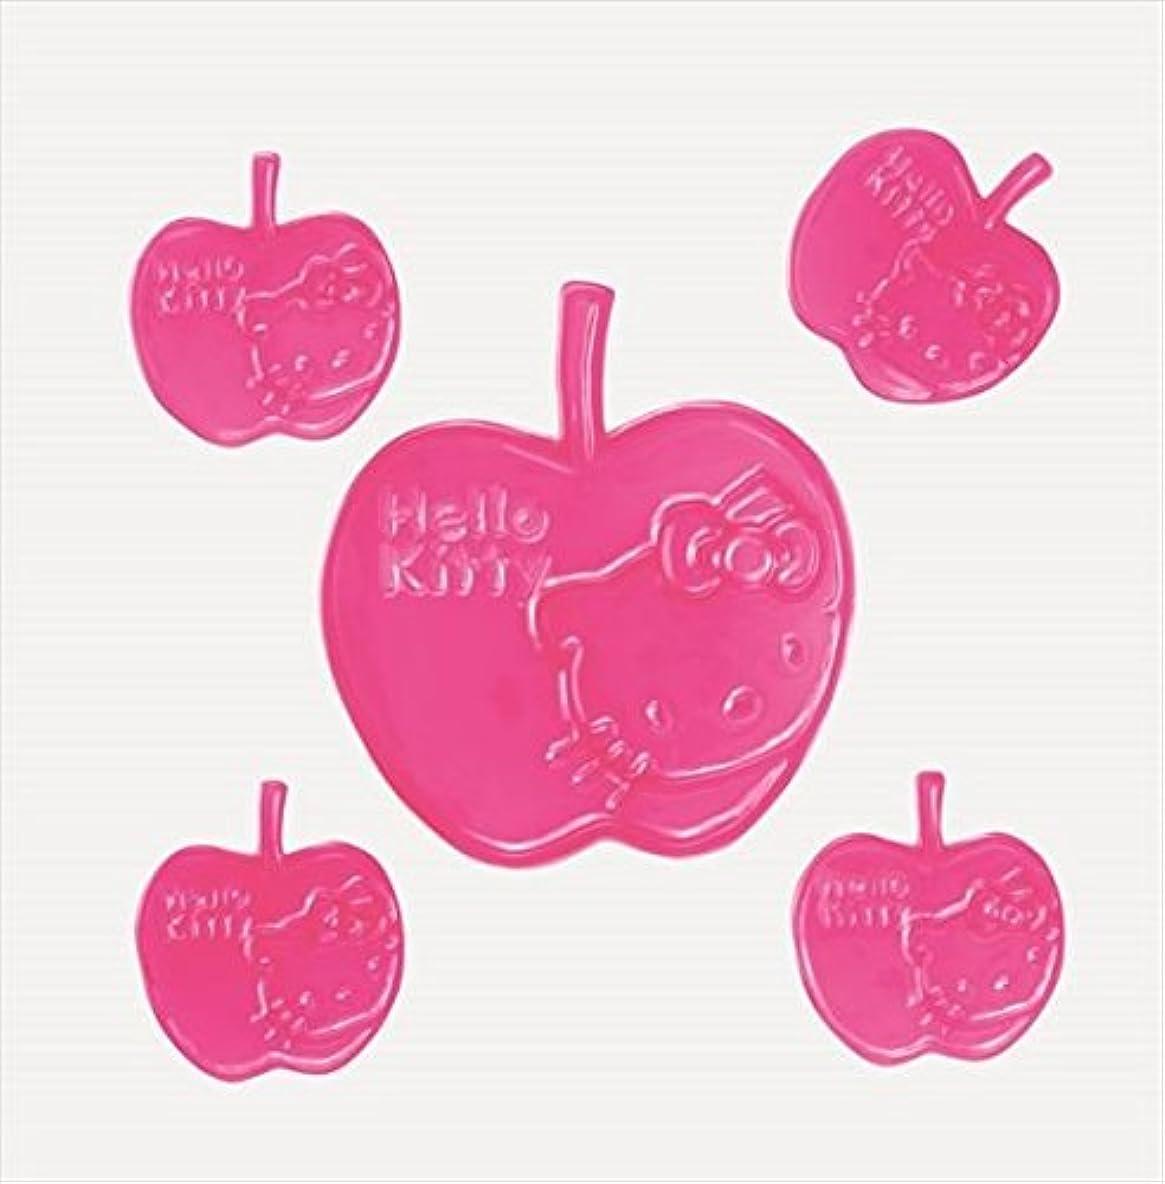 納屋ホーム照らすGelGems(ジェルジェム) ジェルジェムハローキティバッグS 「 ピンクリンゴ 」 E1200002 キャンドル 200x255x5mm (E1200002)